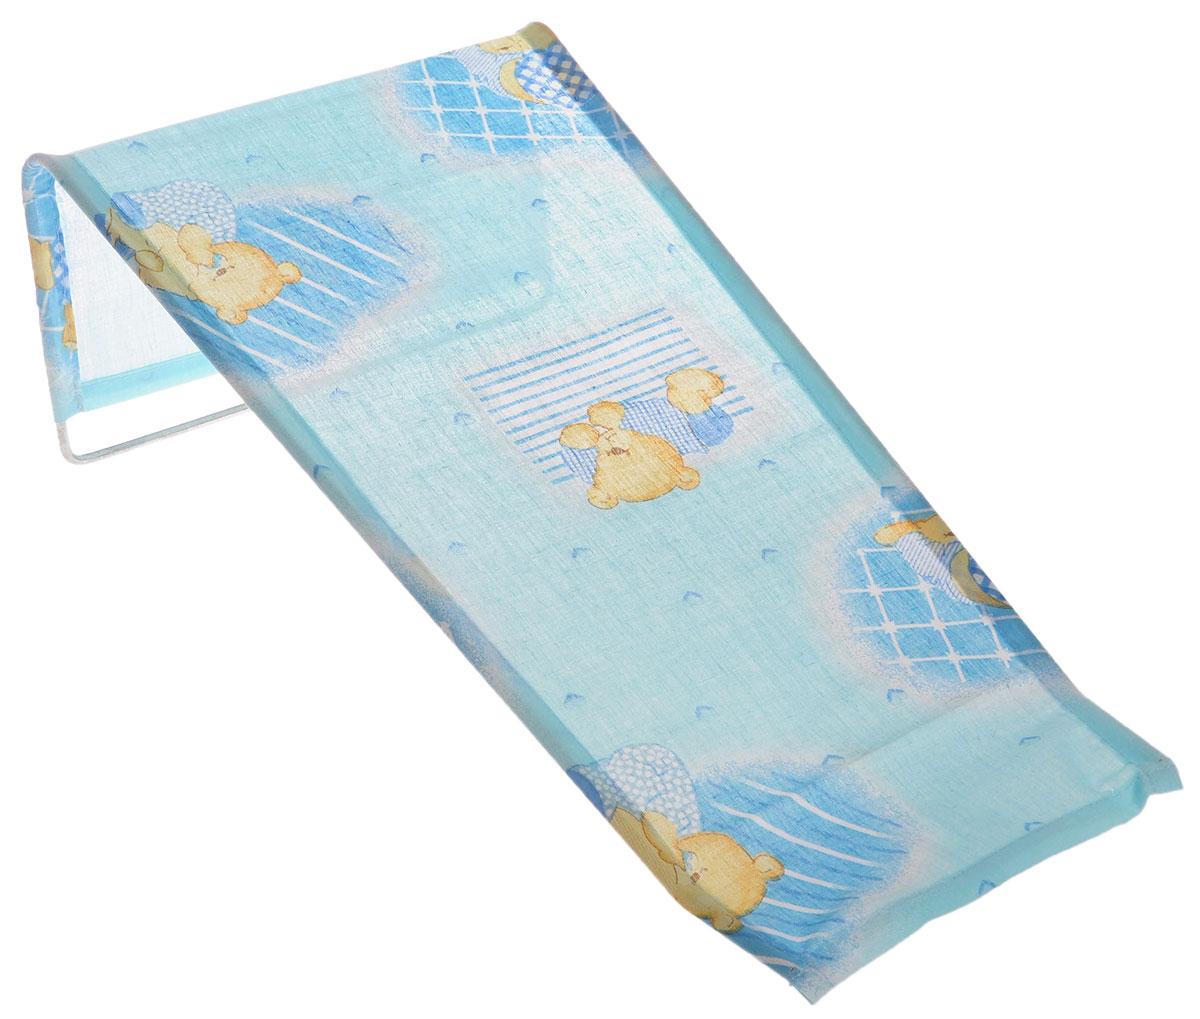 Фея Подставка для купания Мишка с подушкой цвет голубой1332-01_голубойПодставка для купания Фея Мишка с подушкой - это удобный способ мытья и прекрасная возможность побаловать вашего малыша. Эргономичный дизайн подставки разработан специально для комфорта и безопасности вашего ребенка. Основу подставки составляет металлический каркас, обтянутый тканью. Подарите своему малышу радость и комфорт во время купания! Подставка предназначена для купания детей в возрасте до 1 года. Фея - это качественные и надежные товары для малышей, которые может позволить себе каждая семья! Правила ухода за чехлом: после использования хорошо просушить. Запрещается использование моющих средств содержащих щелочь.